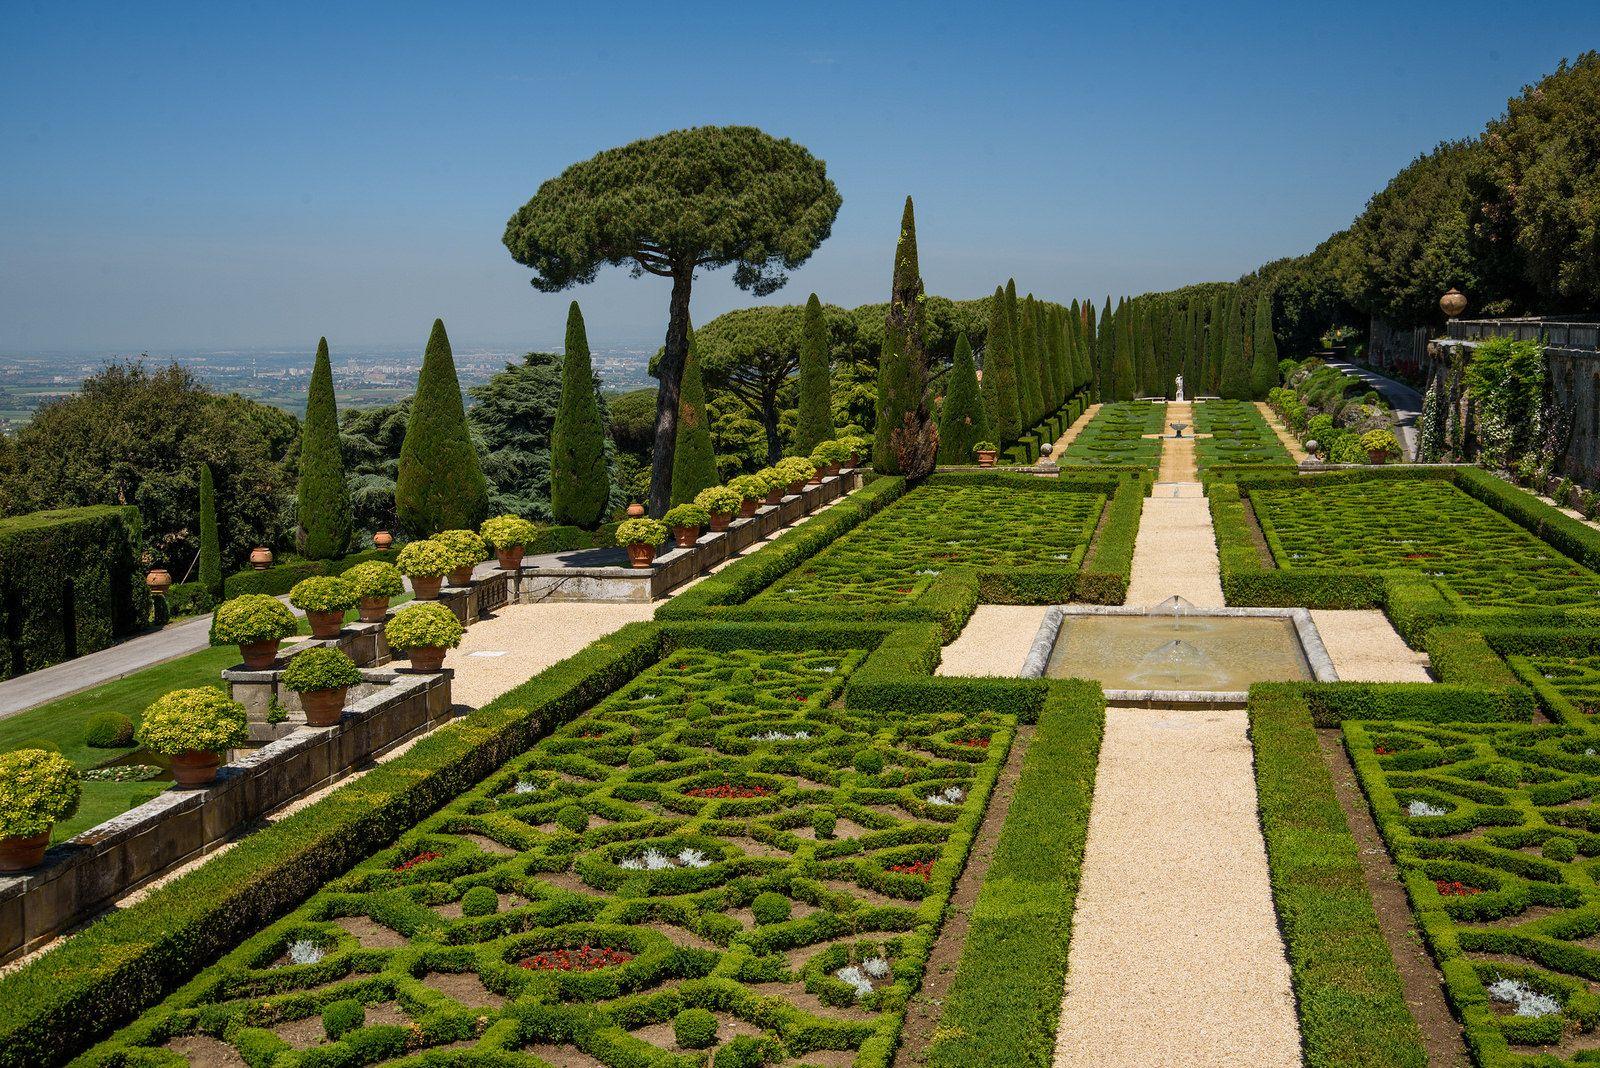 4fa640e42ddfe381ebe19de51d5bc538 - Barberini Gardens Of The Pontifical Villas